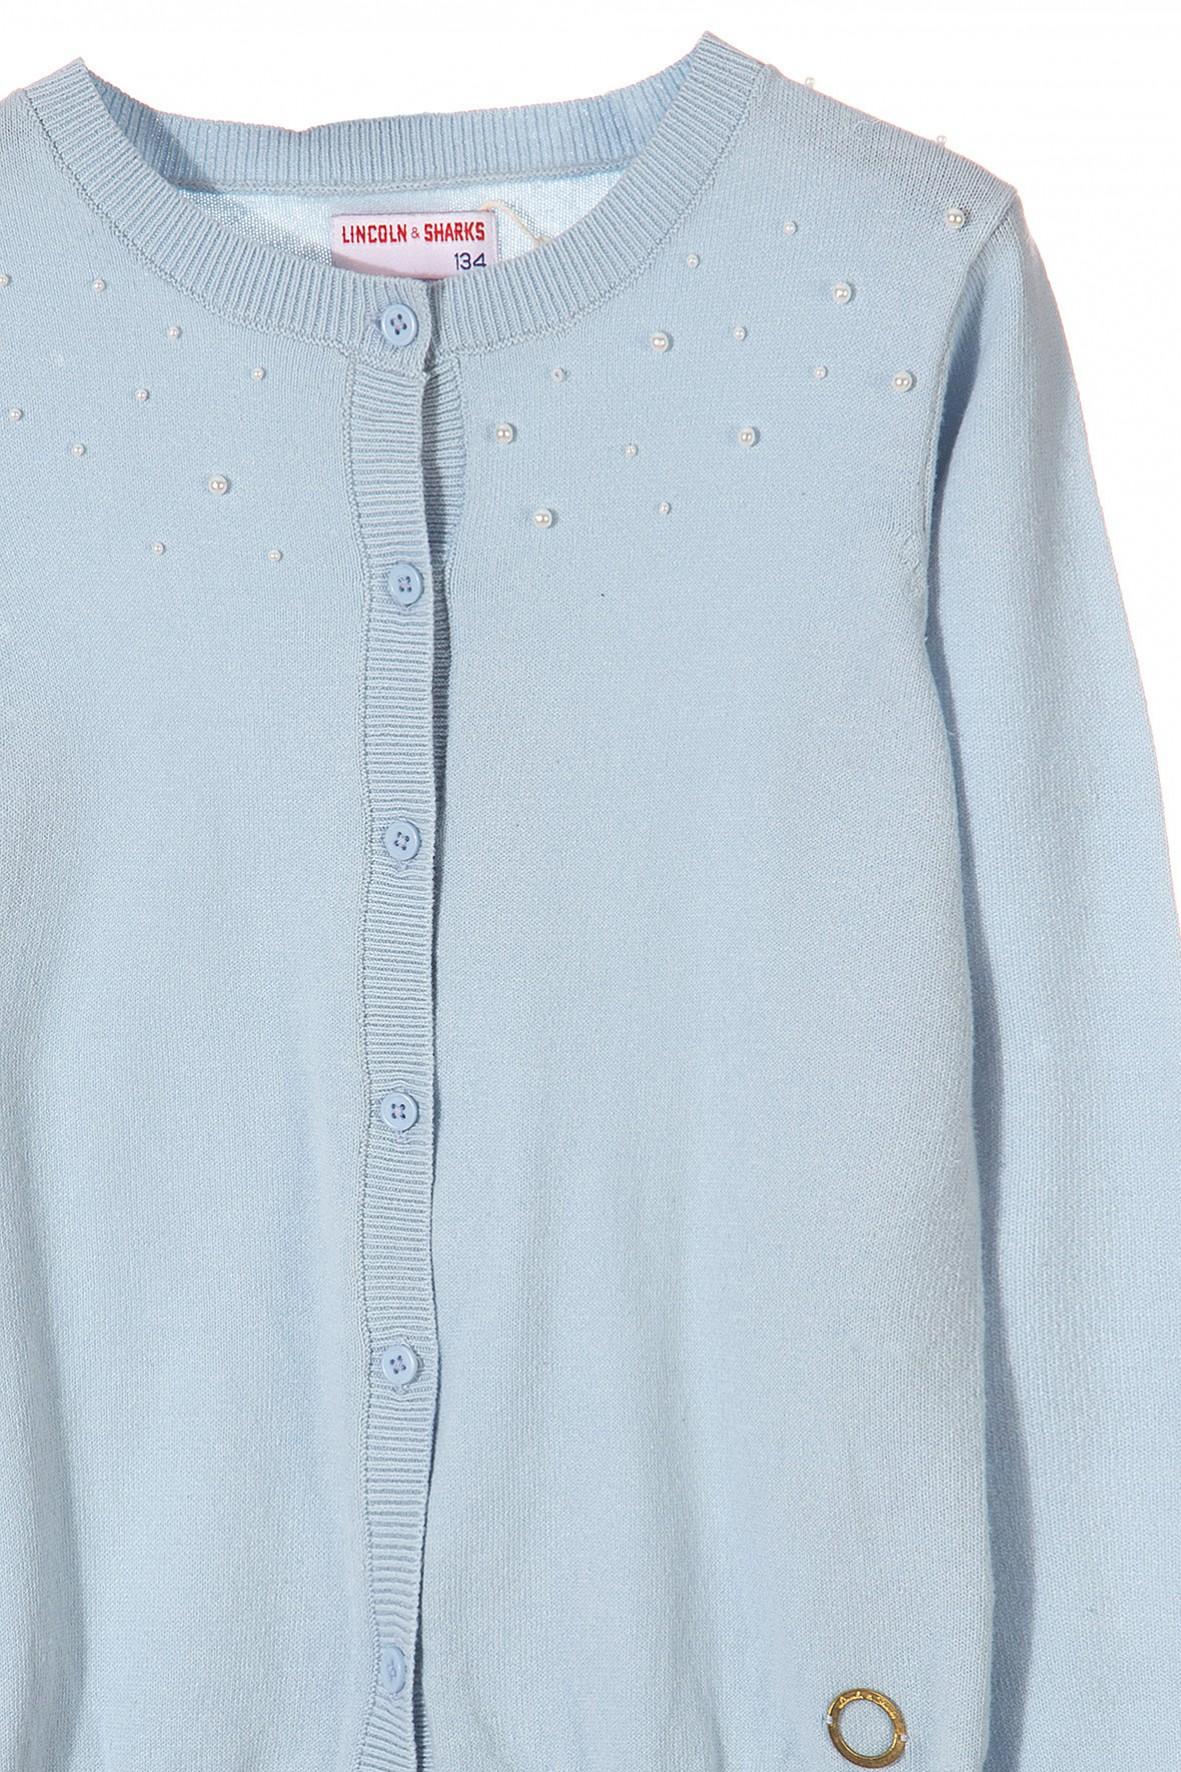 7cdfb48b48 ... Niebieski elegancki sweterek dziewczęcy z perłowymi koralikami ...